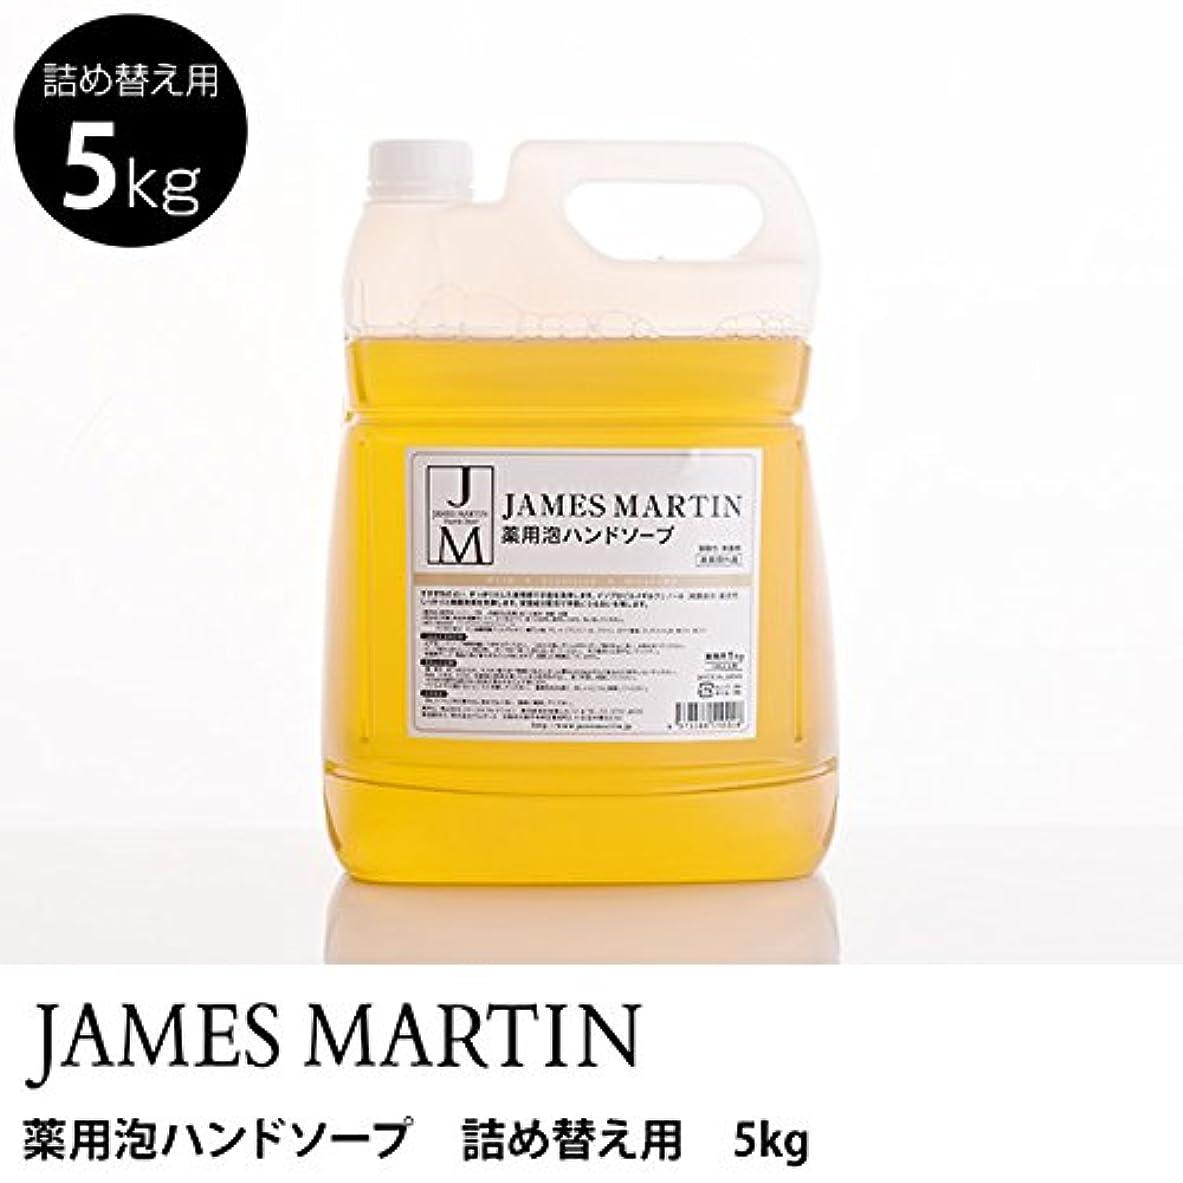 抜け目のない論理的しっとりジェームズマーティン 薬用泡ハンドソープ(無香料) 詰替用 5kg